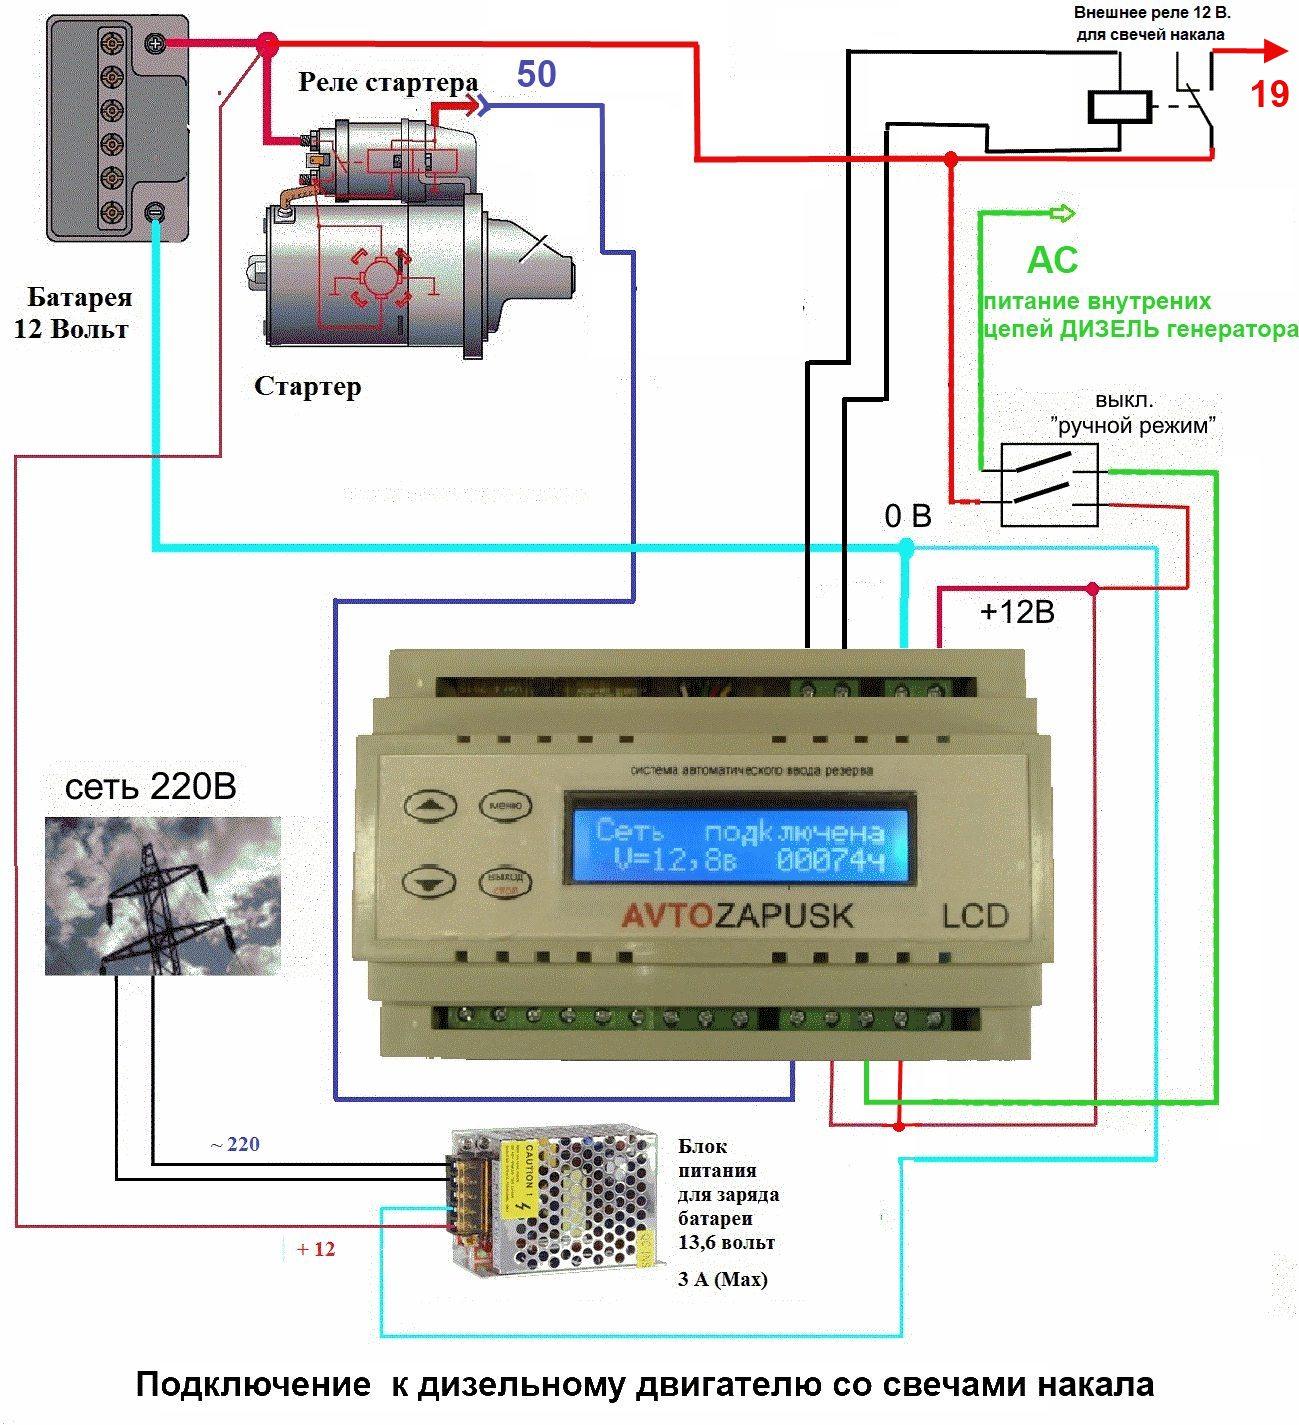 Схема подключения авр к генератору фото 48